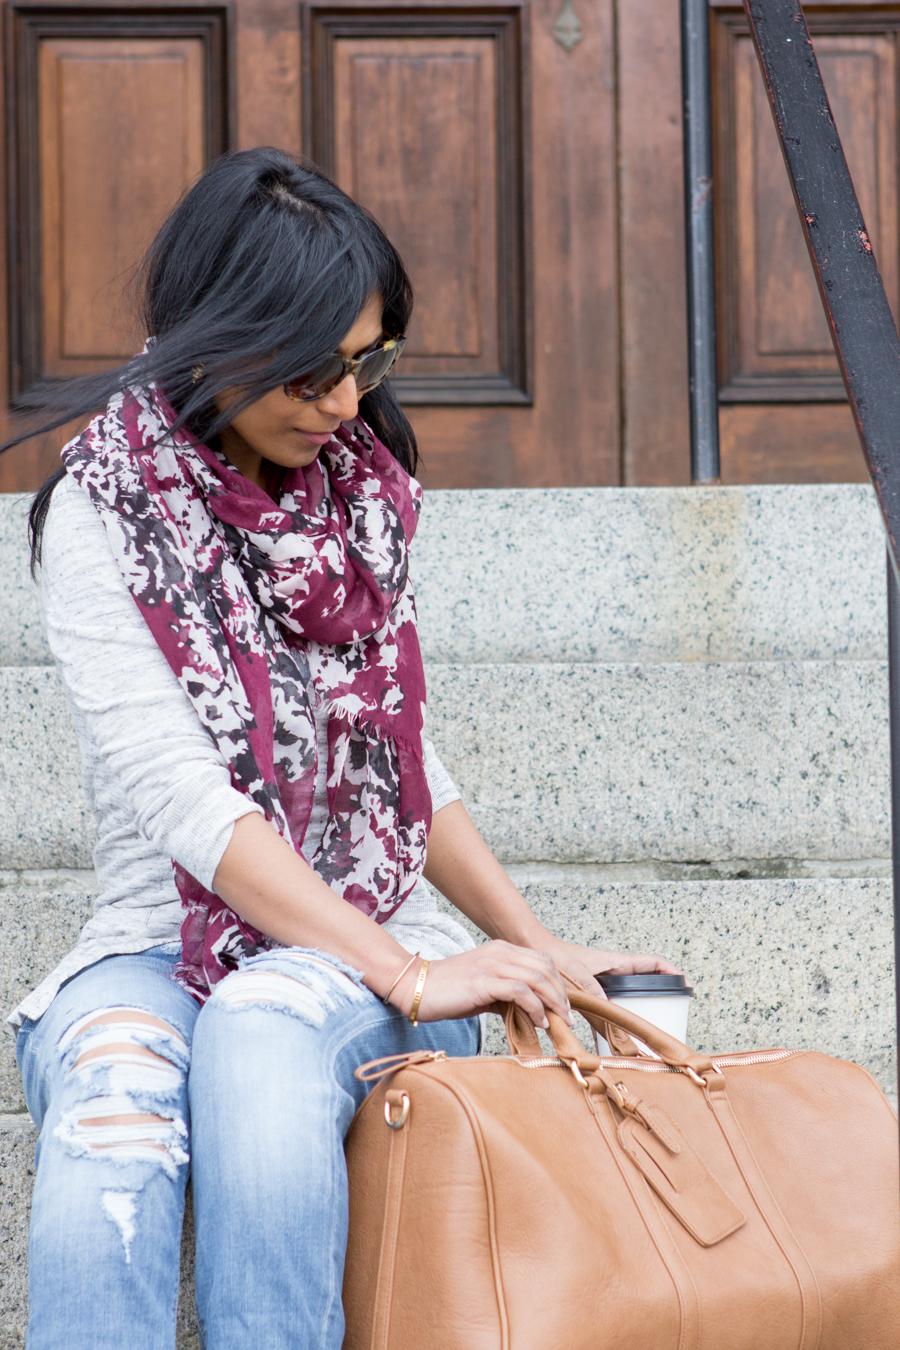 historic houses of salem, weekender bag, cassidy, camel bag, oversized bag, american eagle outfitter jeans